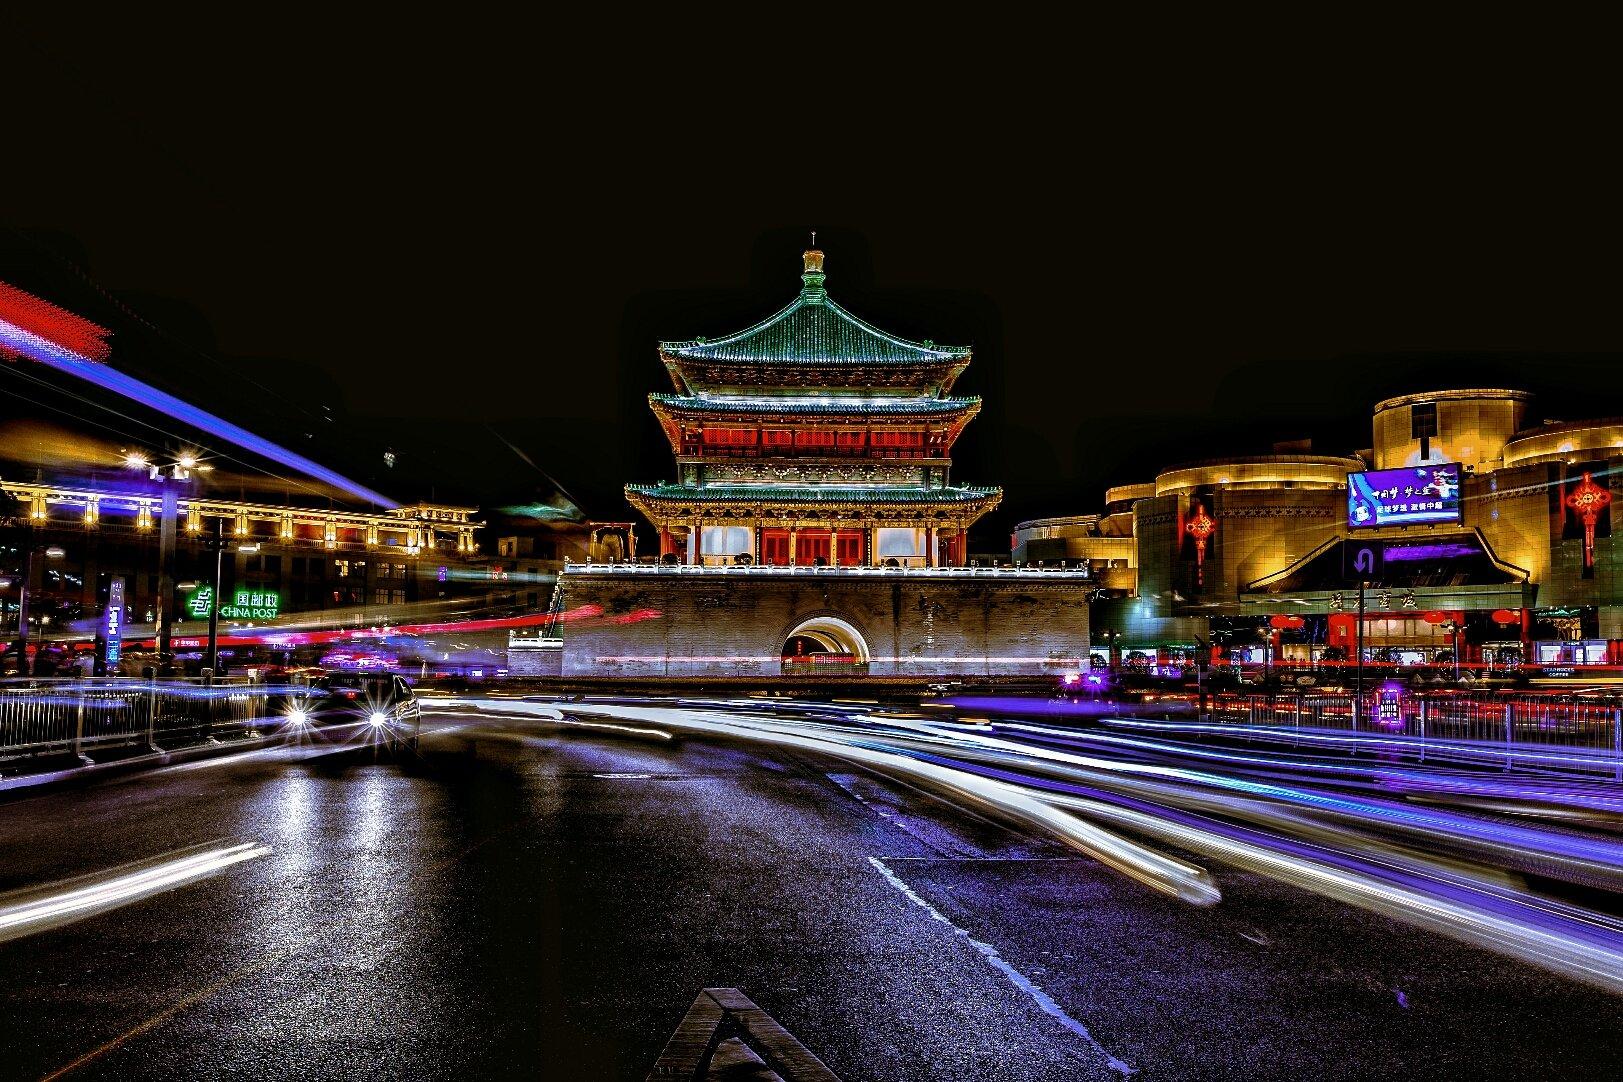 陕西省西安市未央区未央路长大中国农业银行(未央路高中)靠近的作文支行图片